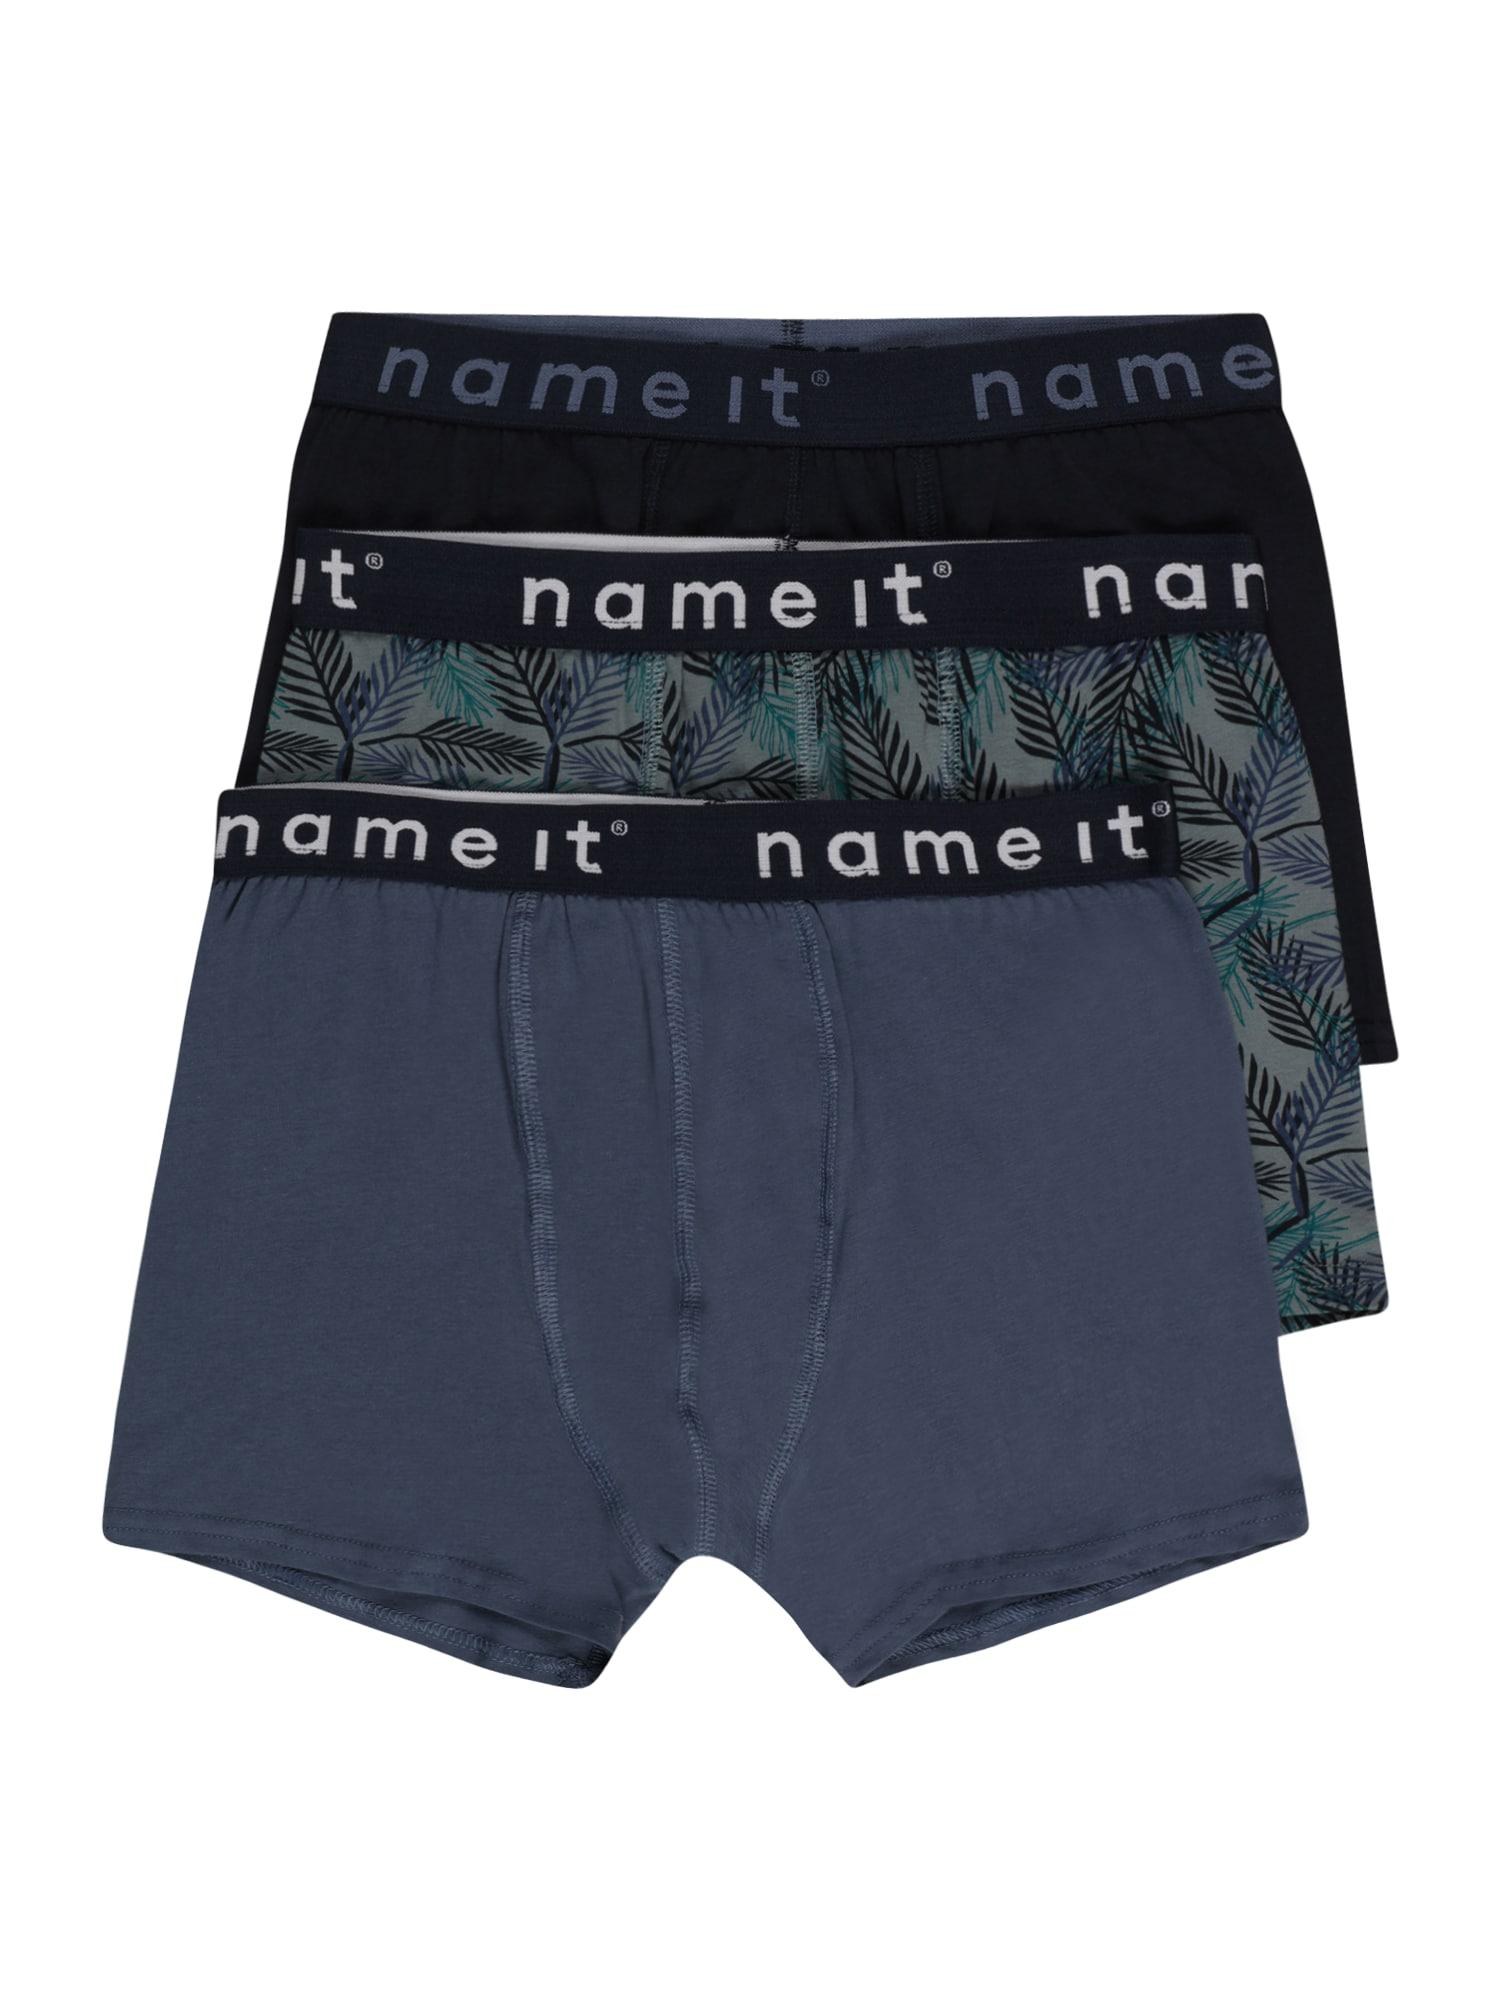 NAME IT Apatinės kelnaitės tamsiai pilka / akmens / juoda / balta / smaragdinė spalva